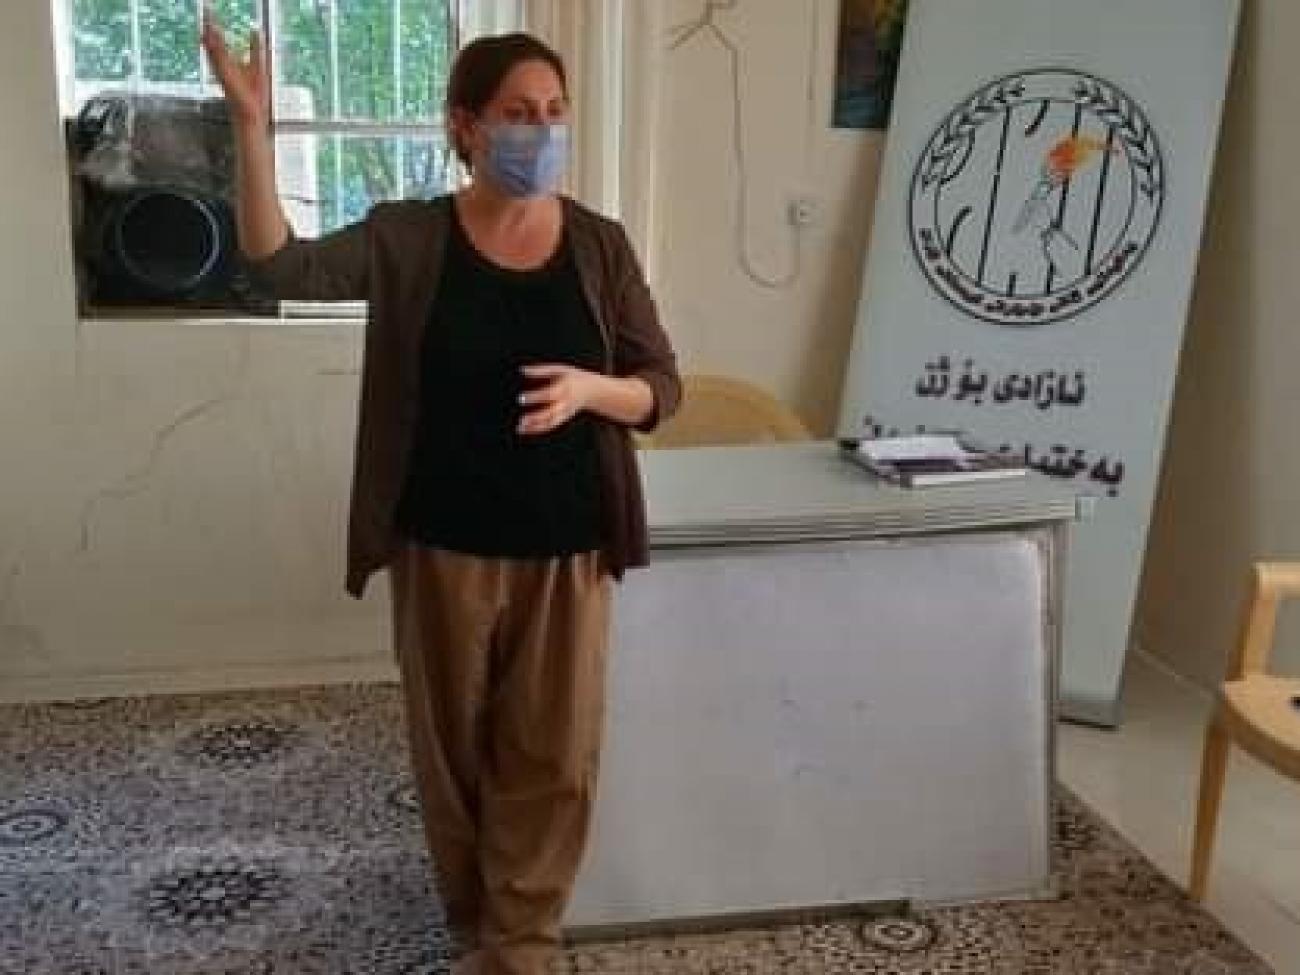 Der obligatorische Hijab (das Kopftuch) im Iran / leçka bi zorê li Îranê / حجاب اجباری در ایران